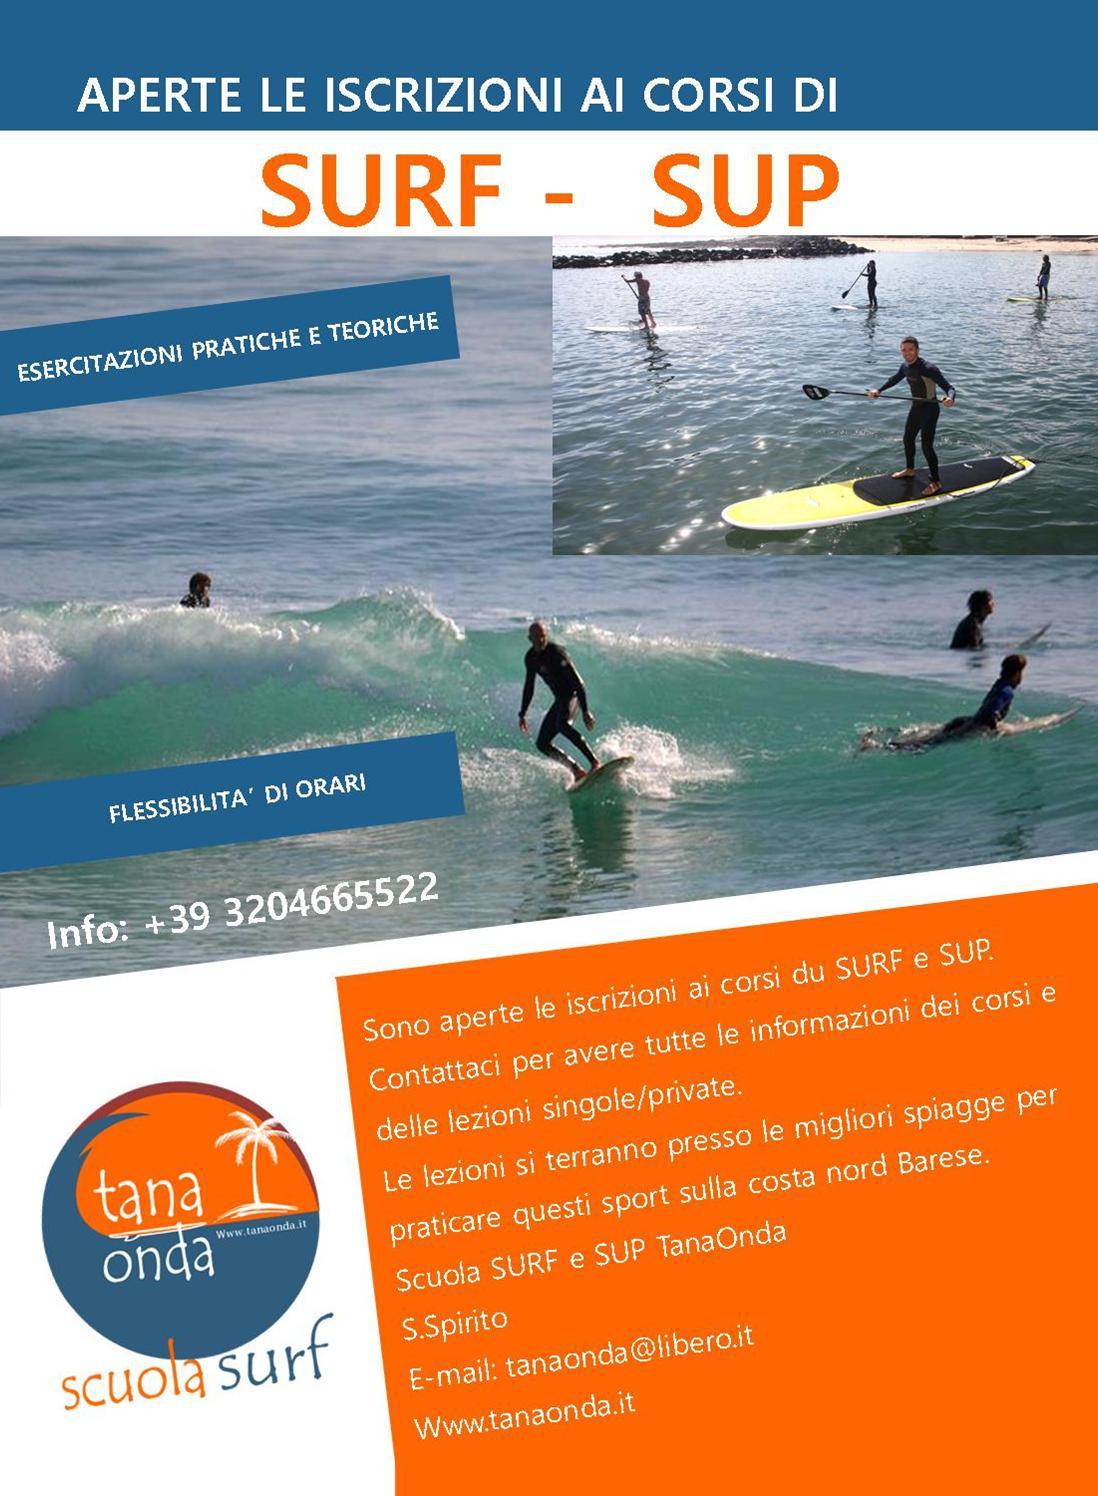 Aperte le iscrizioni ai corsi di SUP e SURF